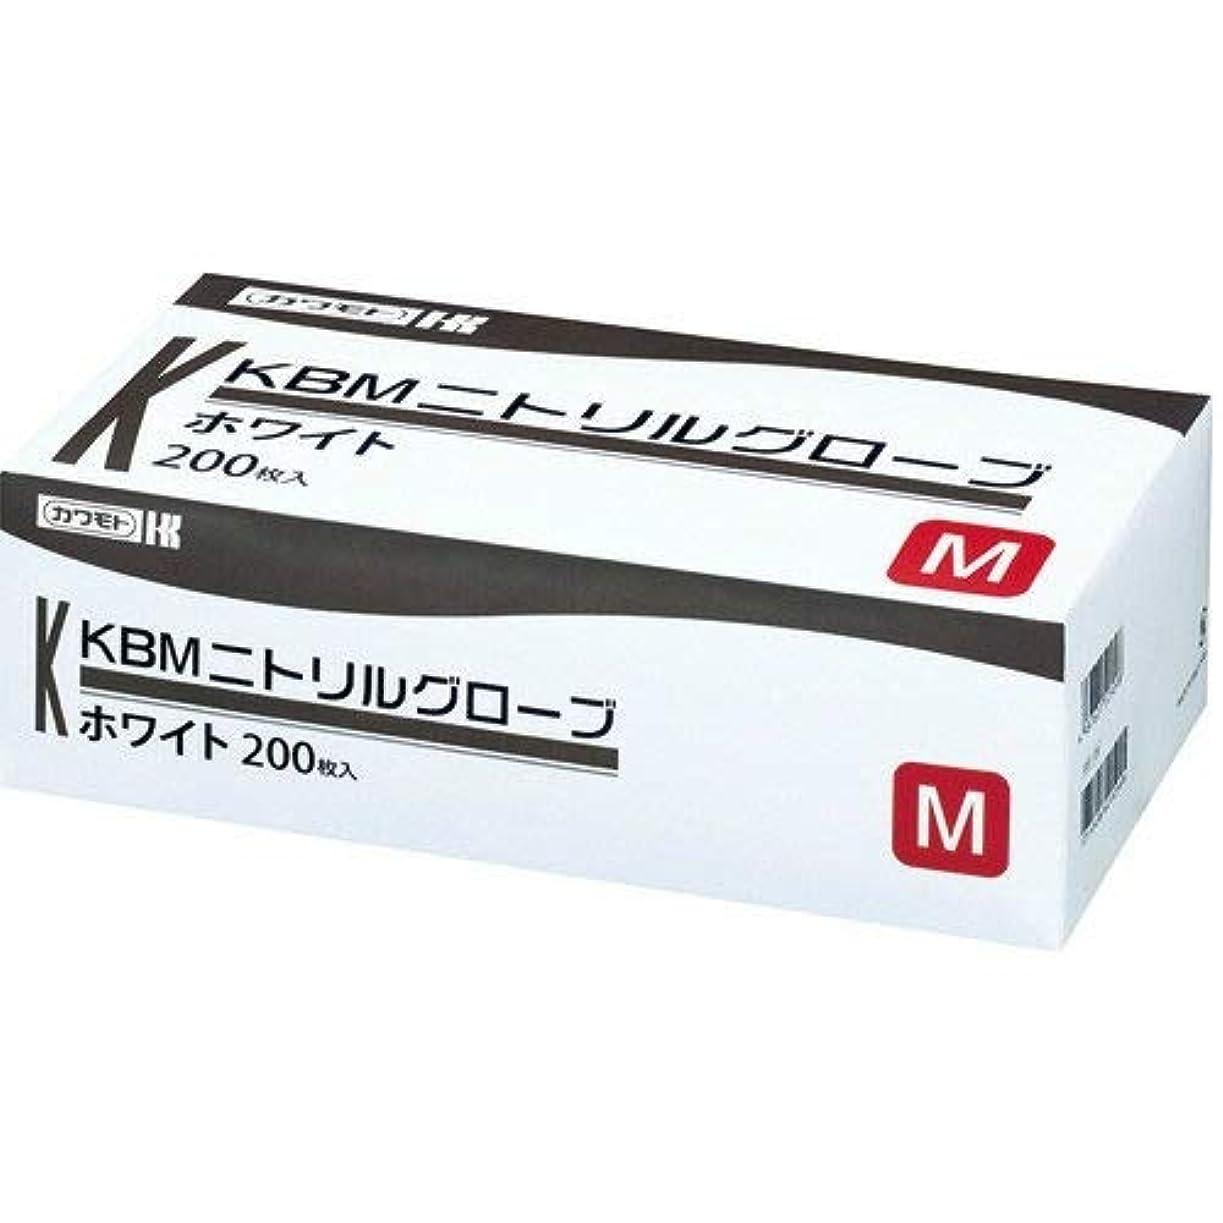 旅行回路飼い慣らす川本産業 カワモト ニトリルグローブ ホワイト M 200枚入